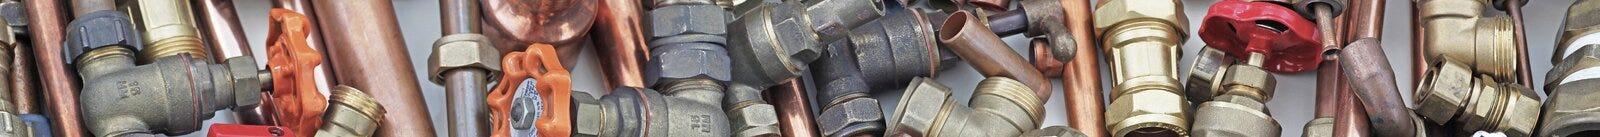 Van de loodgieter` s pijpen en montage websitebanner Royalty-vrije Stock Fotografie